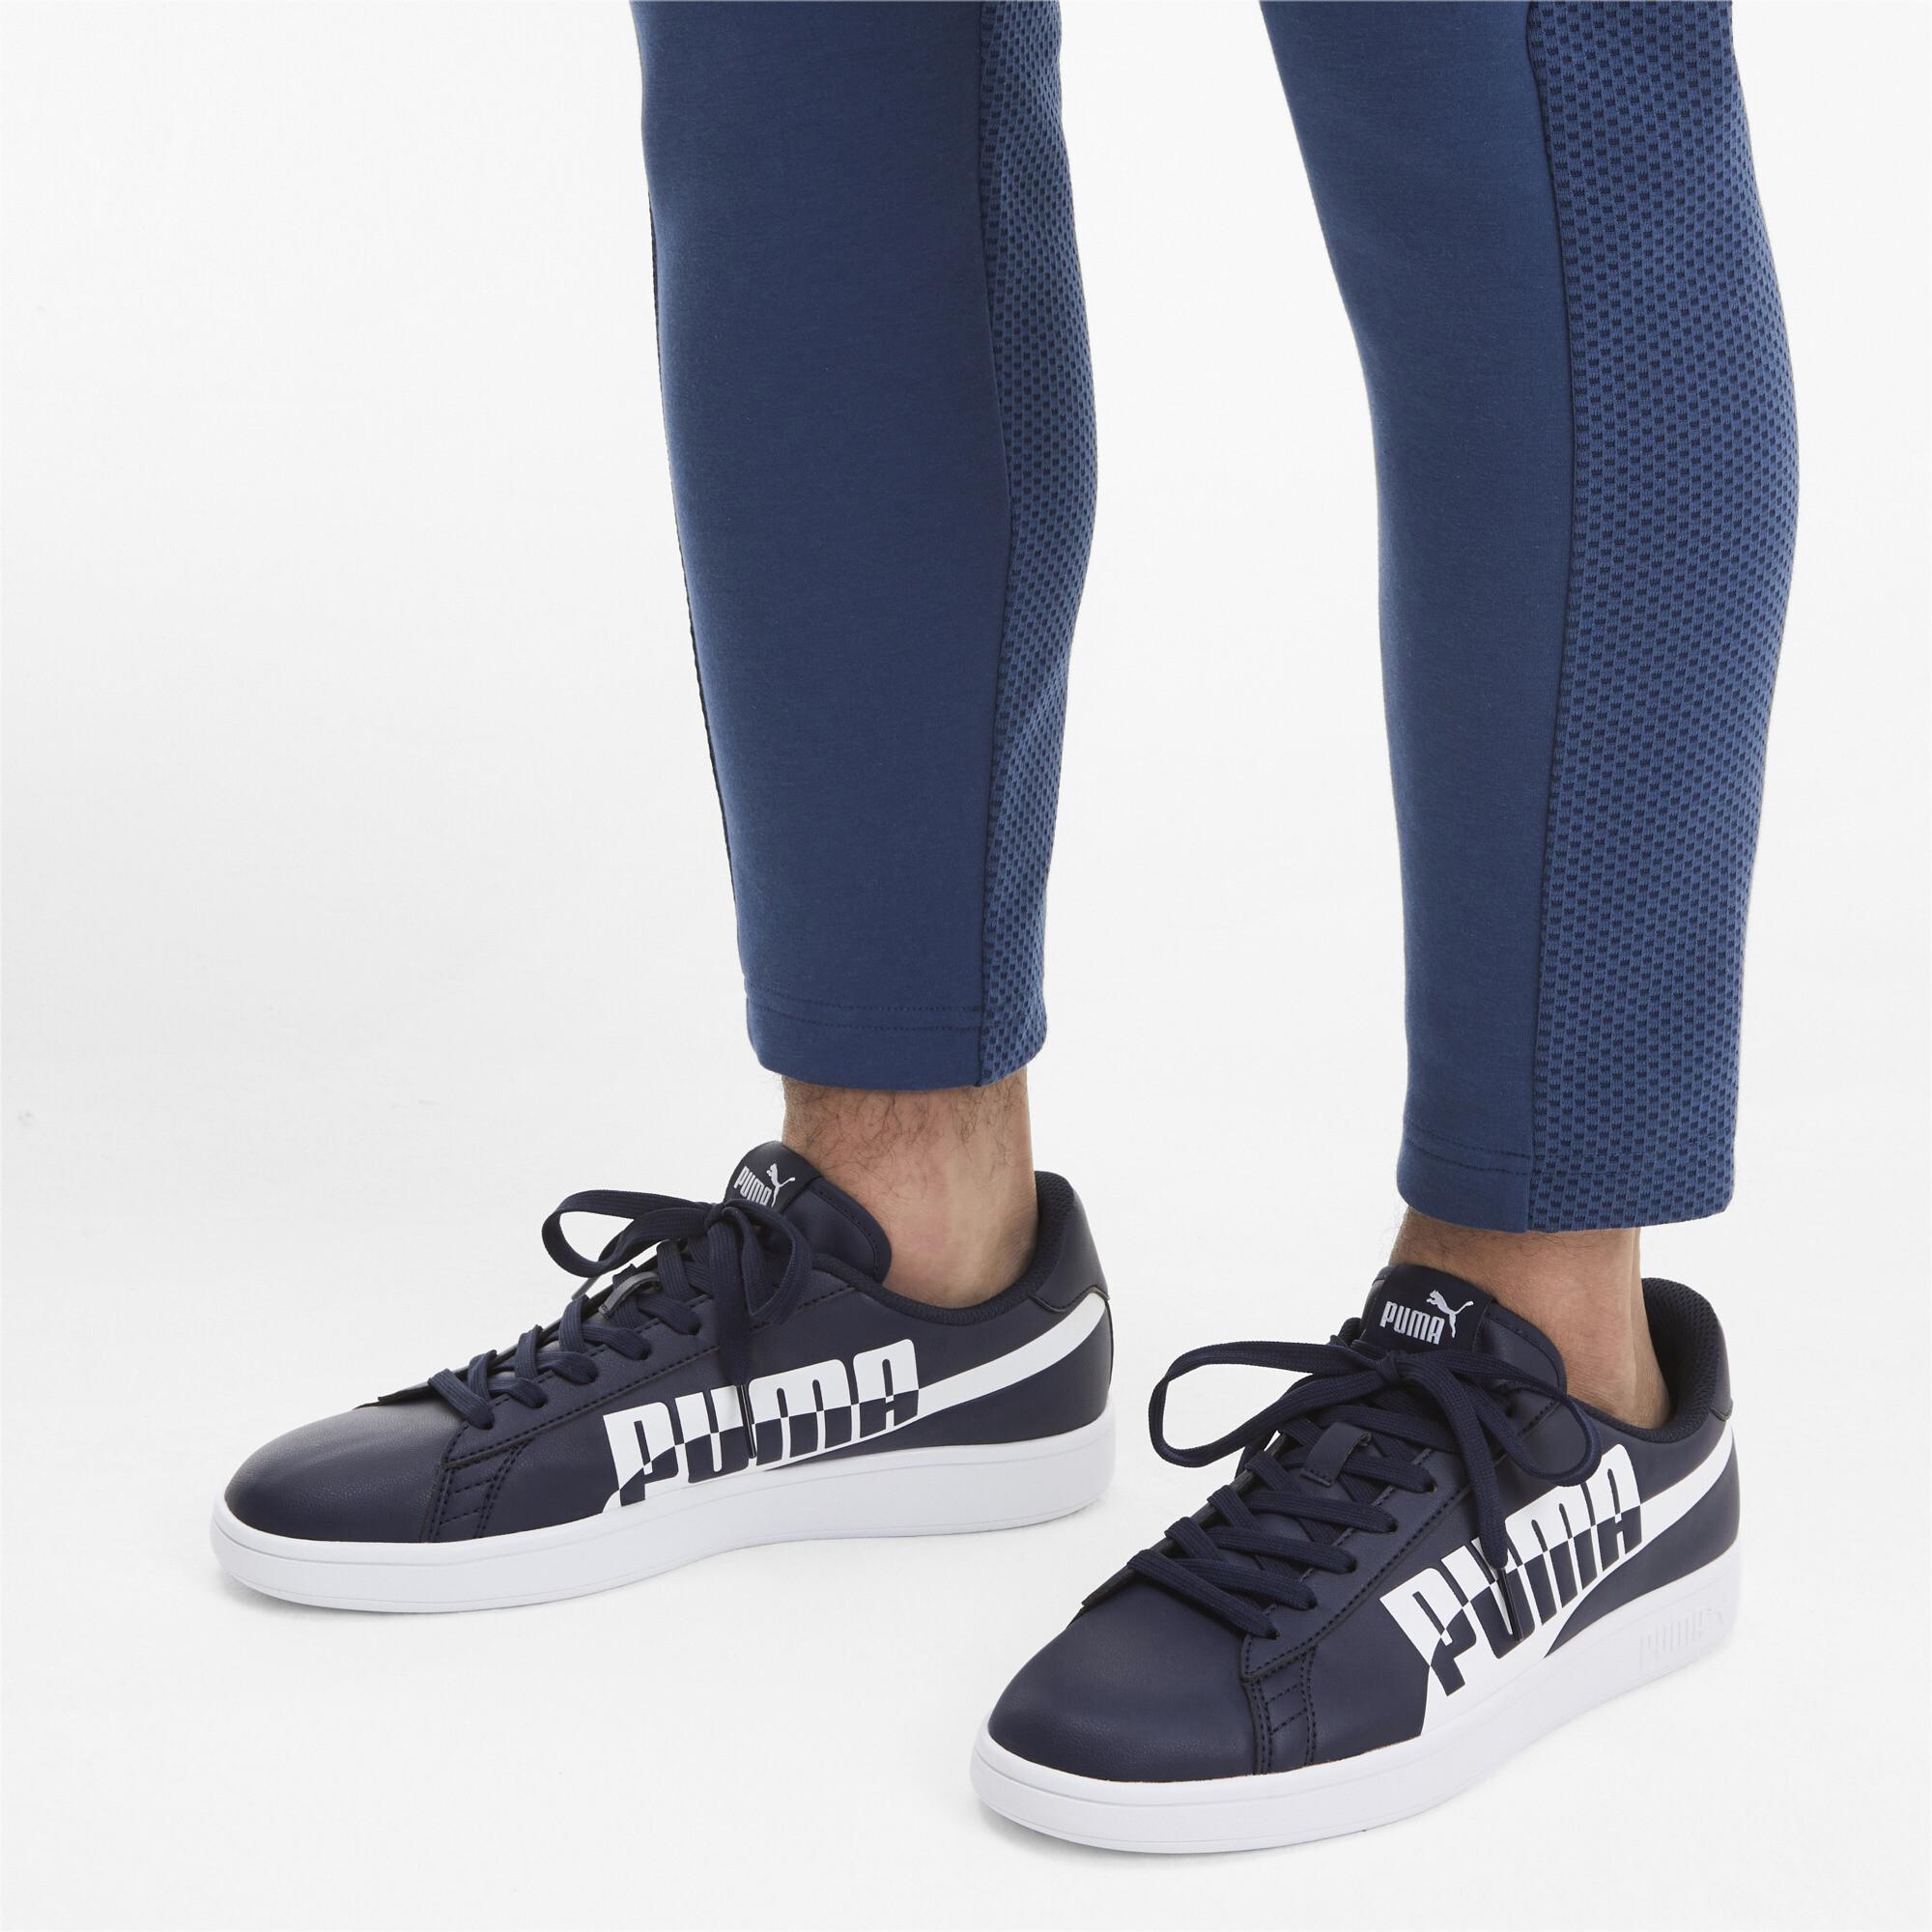 PUMA-PUMA-Smash-v2-Max-Sneakers-Men-Shoe-Basics thumbnail 10